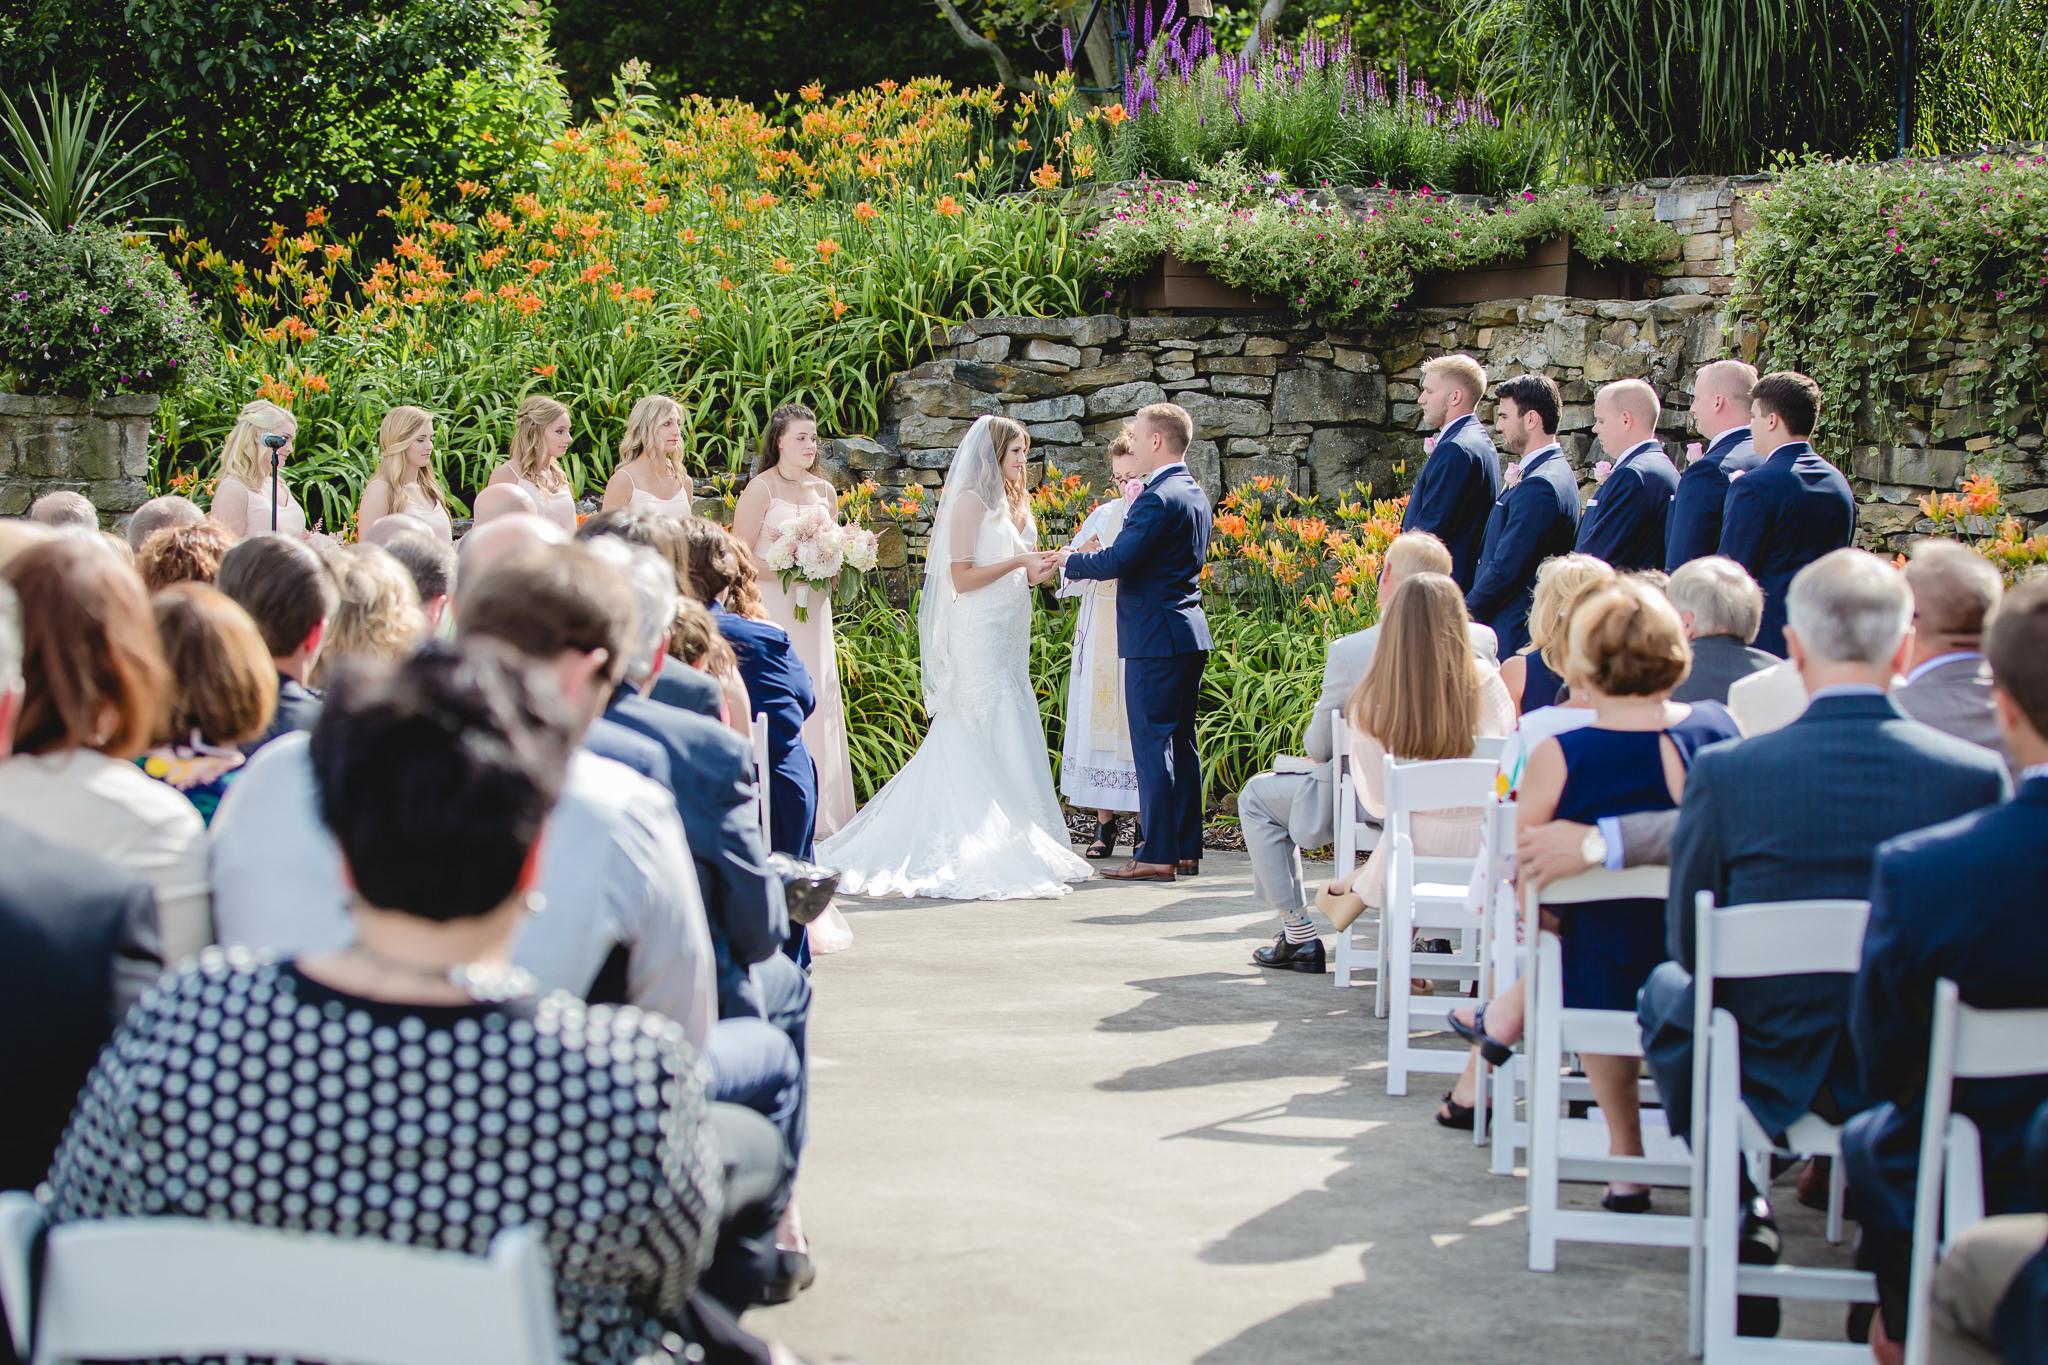 Outdoor wedding ceremony at Hidden Valley Resort in July